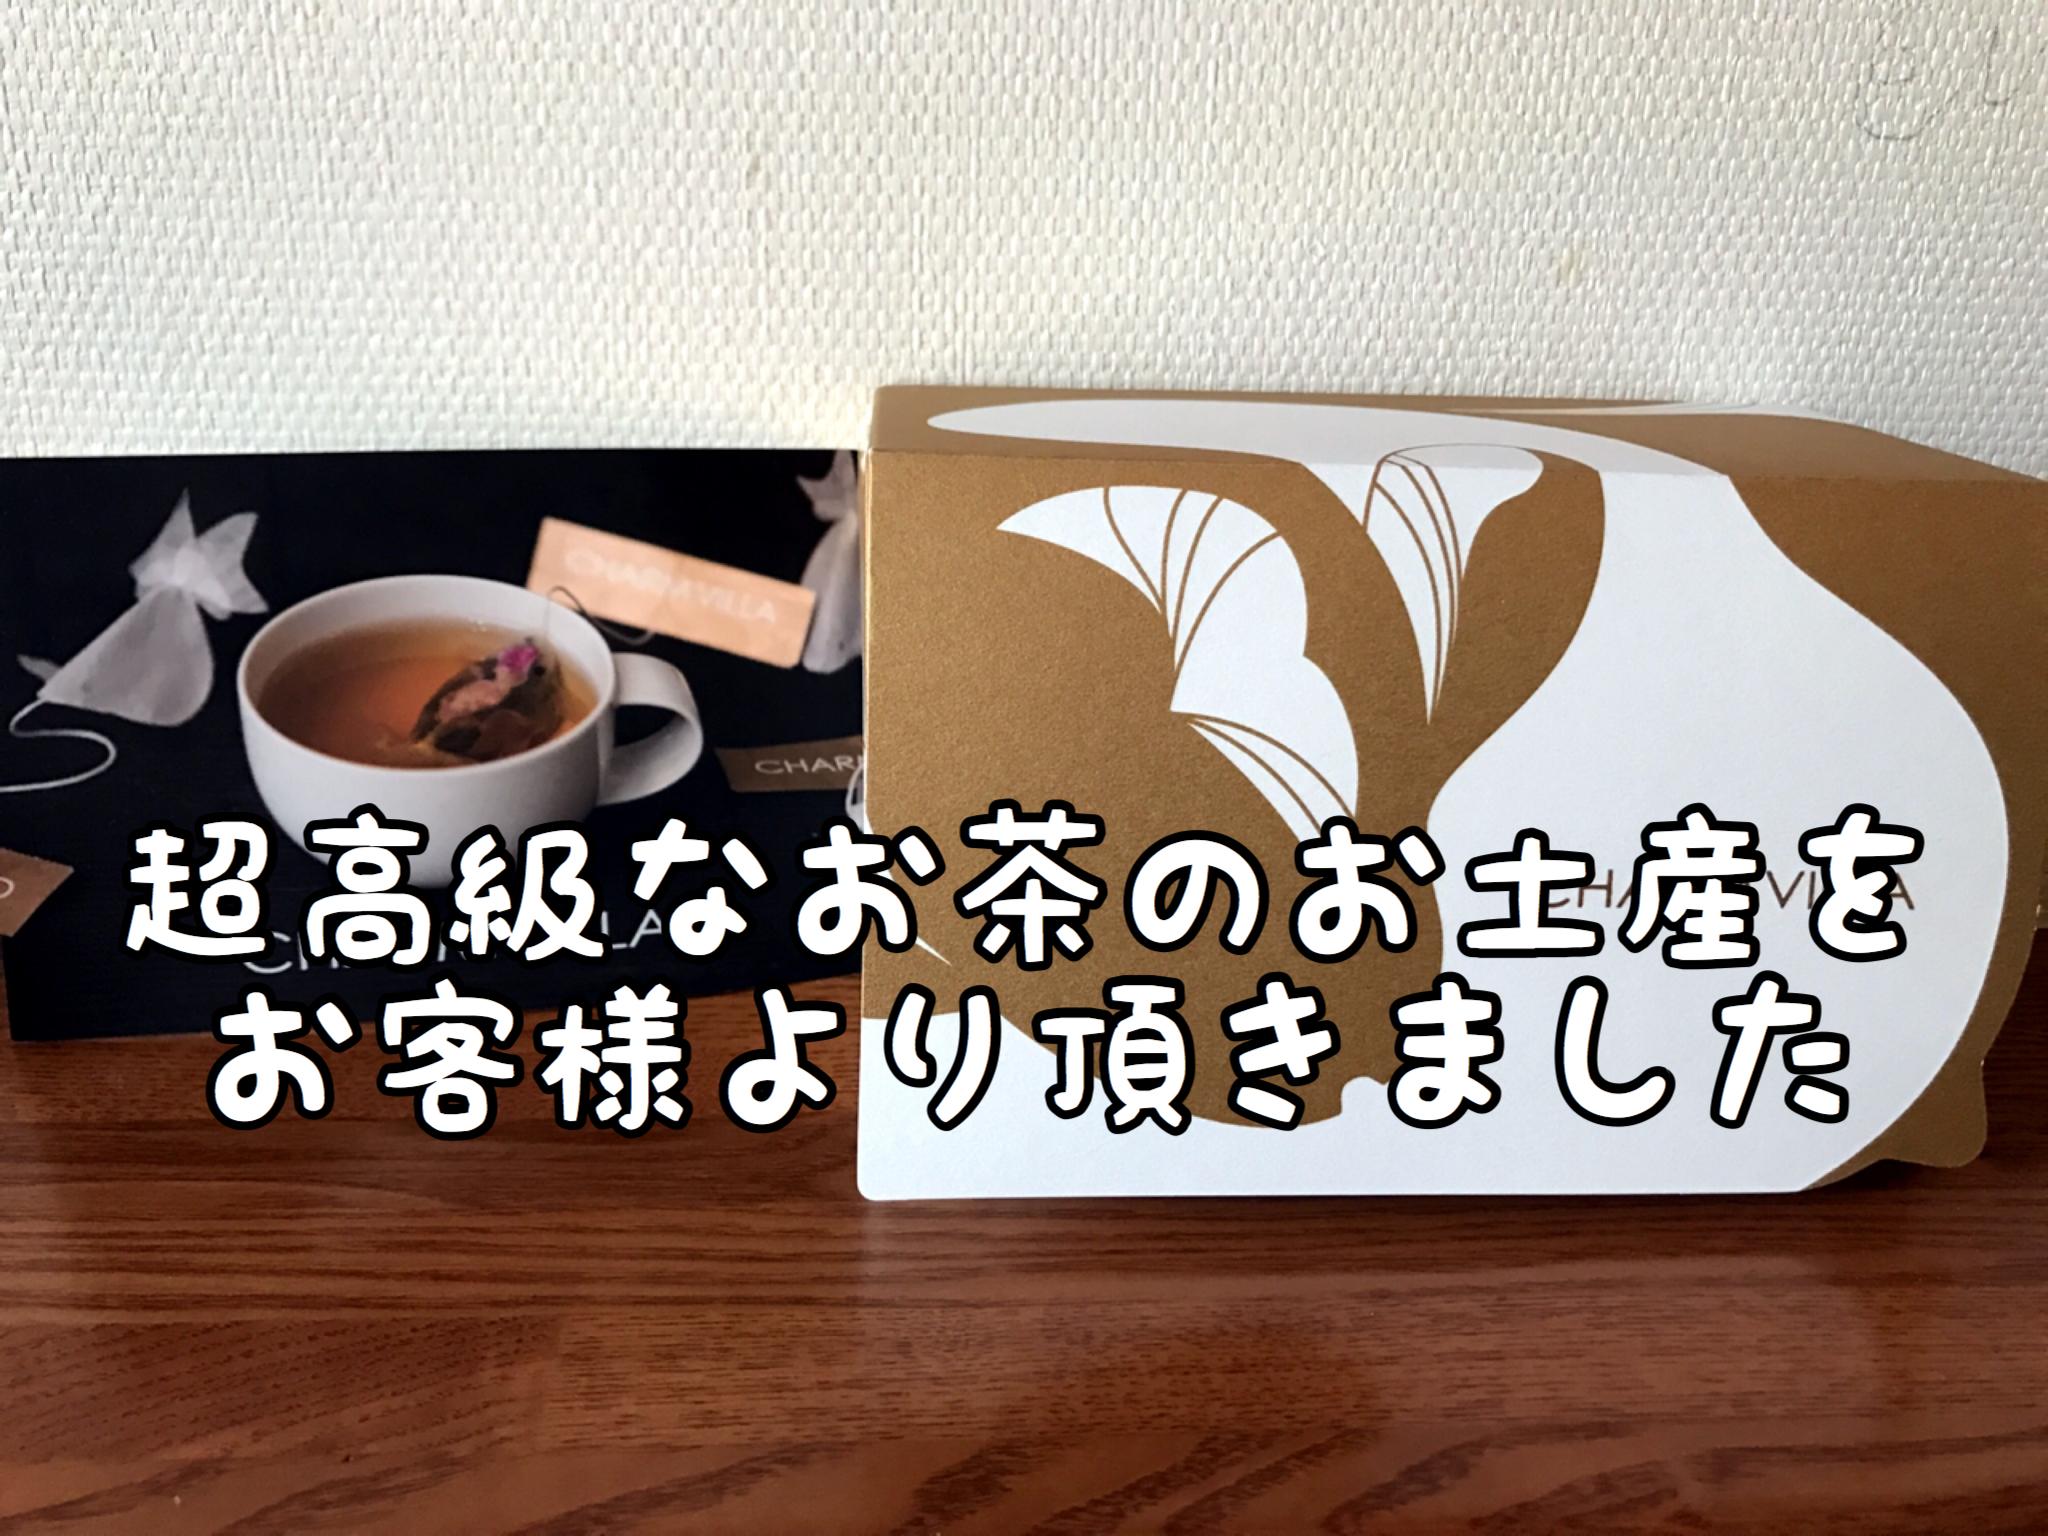 【美味】お客様より超高級な「お茶」のお土産をいただきました